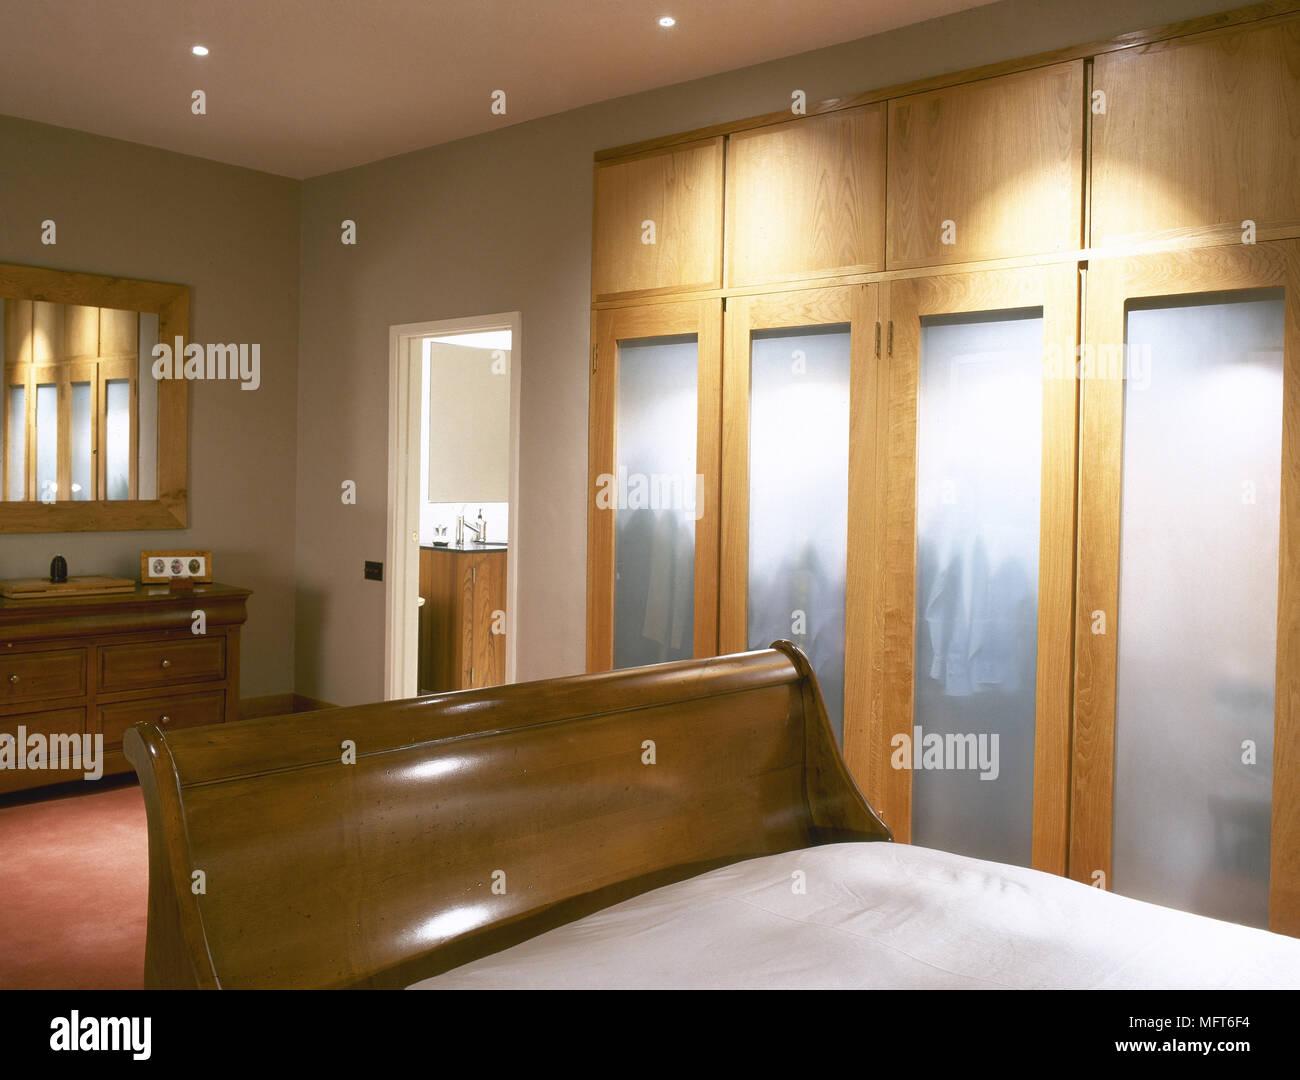 Camera Da Letto Armadio : Armadio camera da letto vetro porta per cabina armadio in